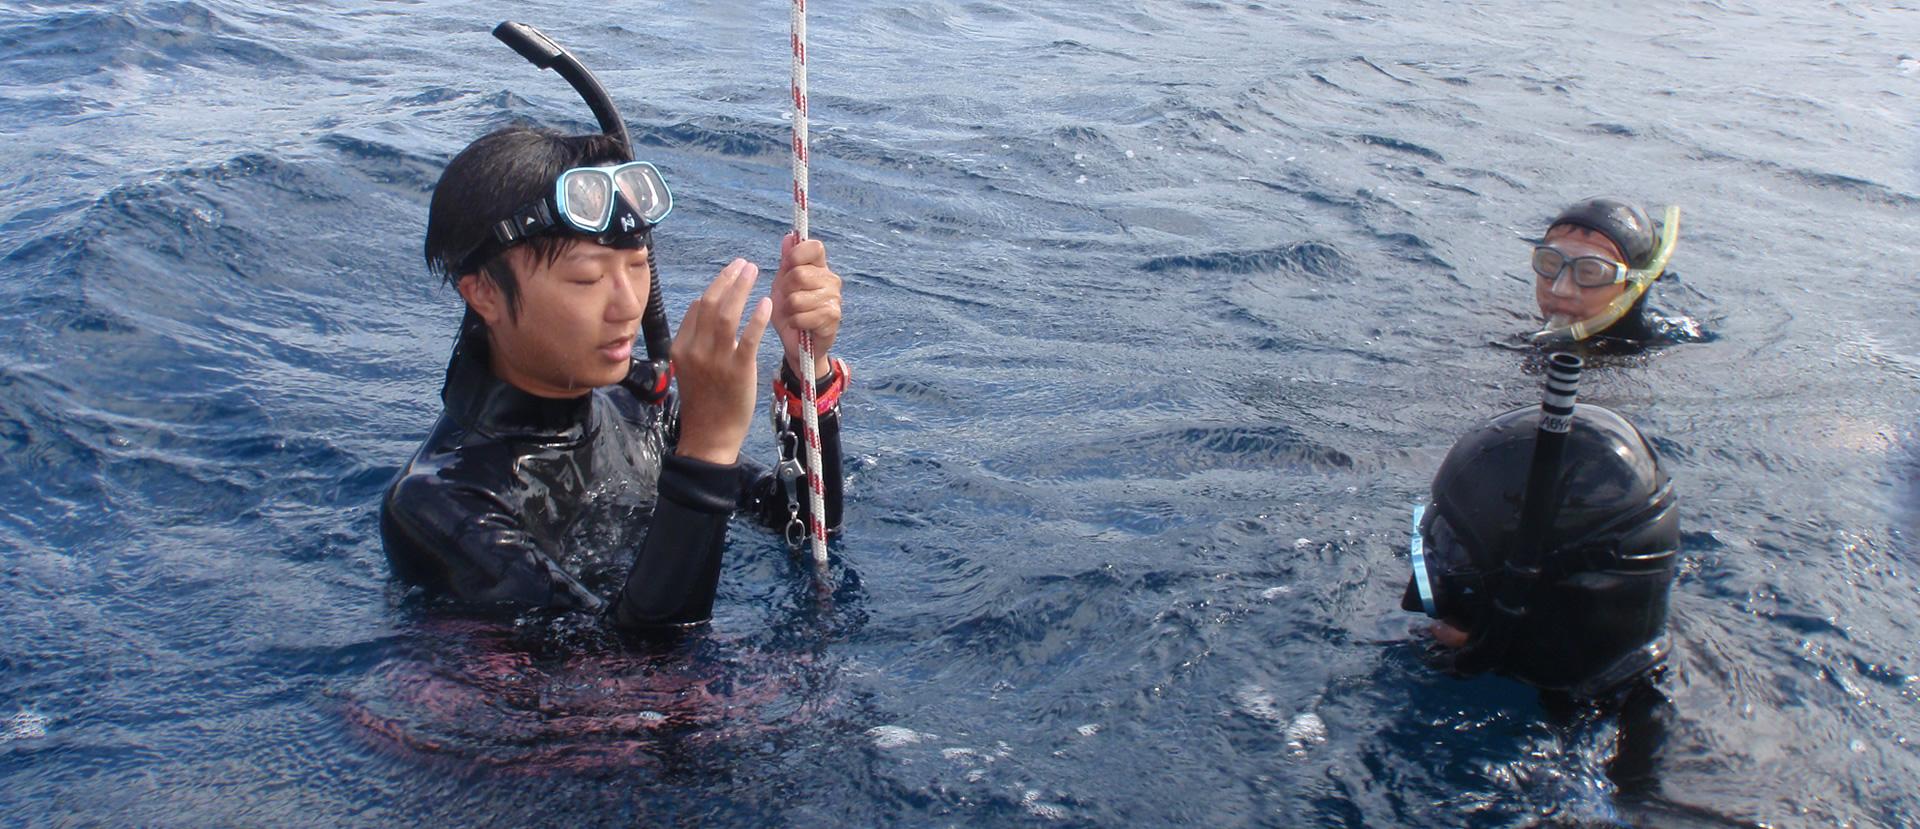 潜水前も浮上後も決められた手続きで安全確認をします。 よほど熟練しないかぎり、この写真のように信頼できる指導者についてもらうべきです。 「川で死なない泳ぎ上手」になるのは至難の業。